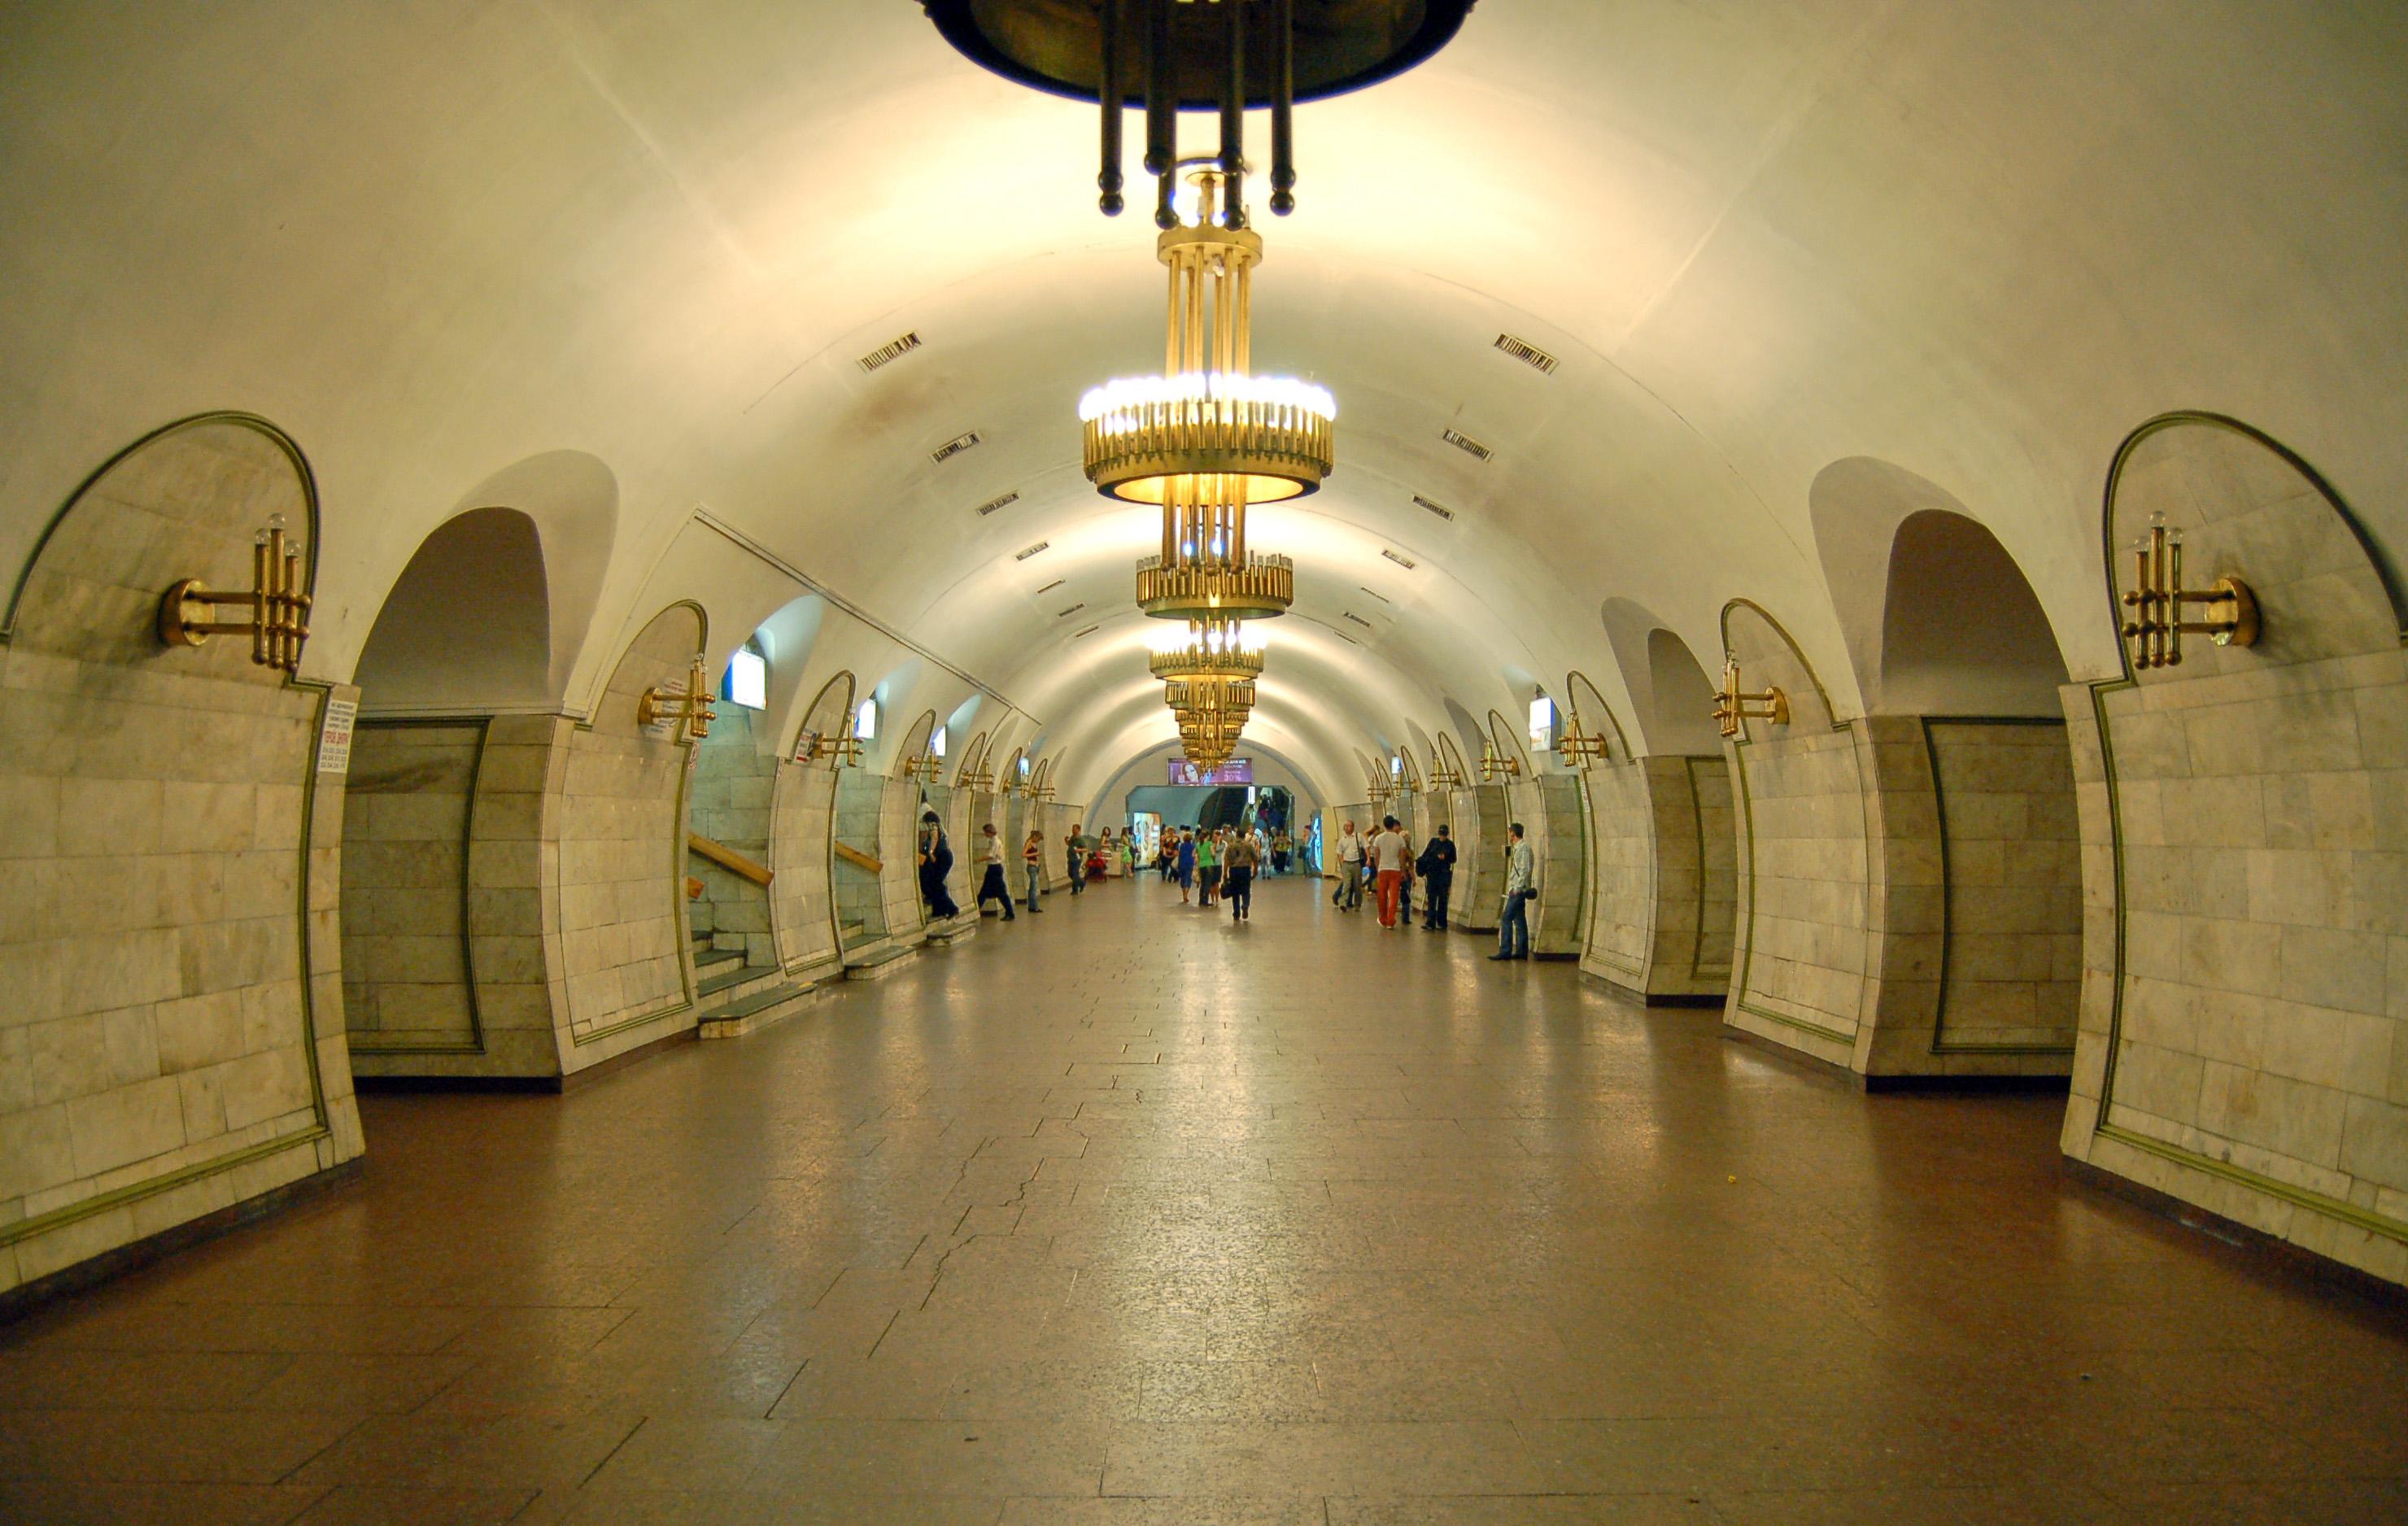 """Станцію метро """"Площа Льва Толстого"""" закрито на вхід і вихід: надійшло повідомлення про замінування, - КМДА"""